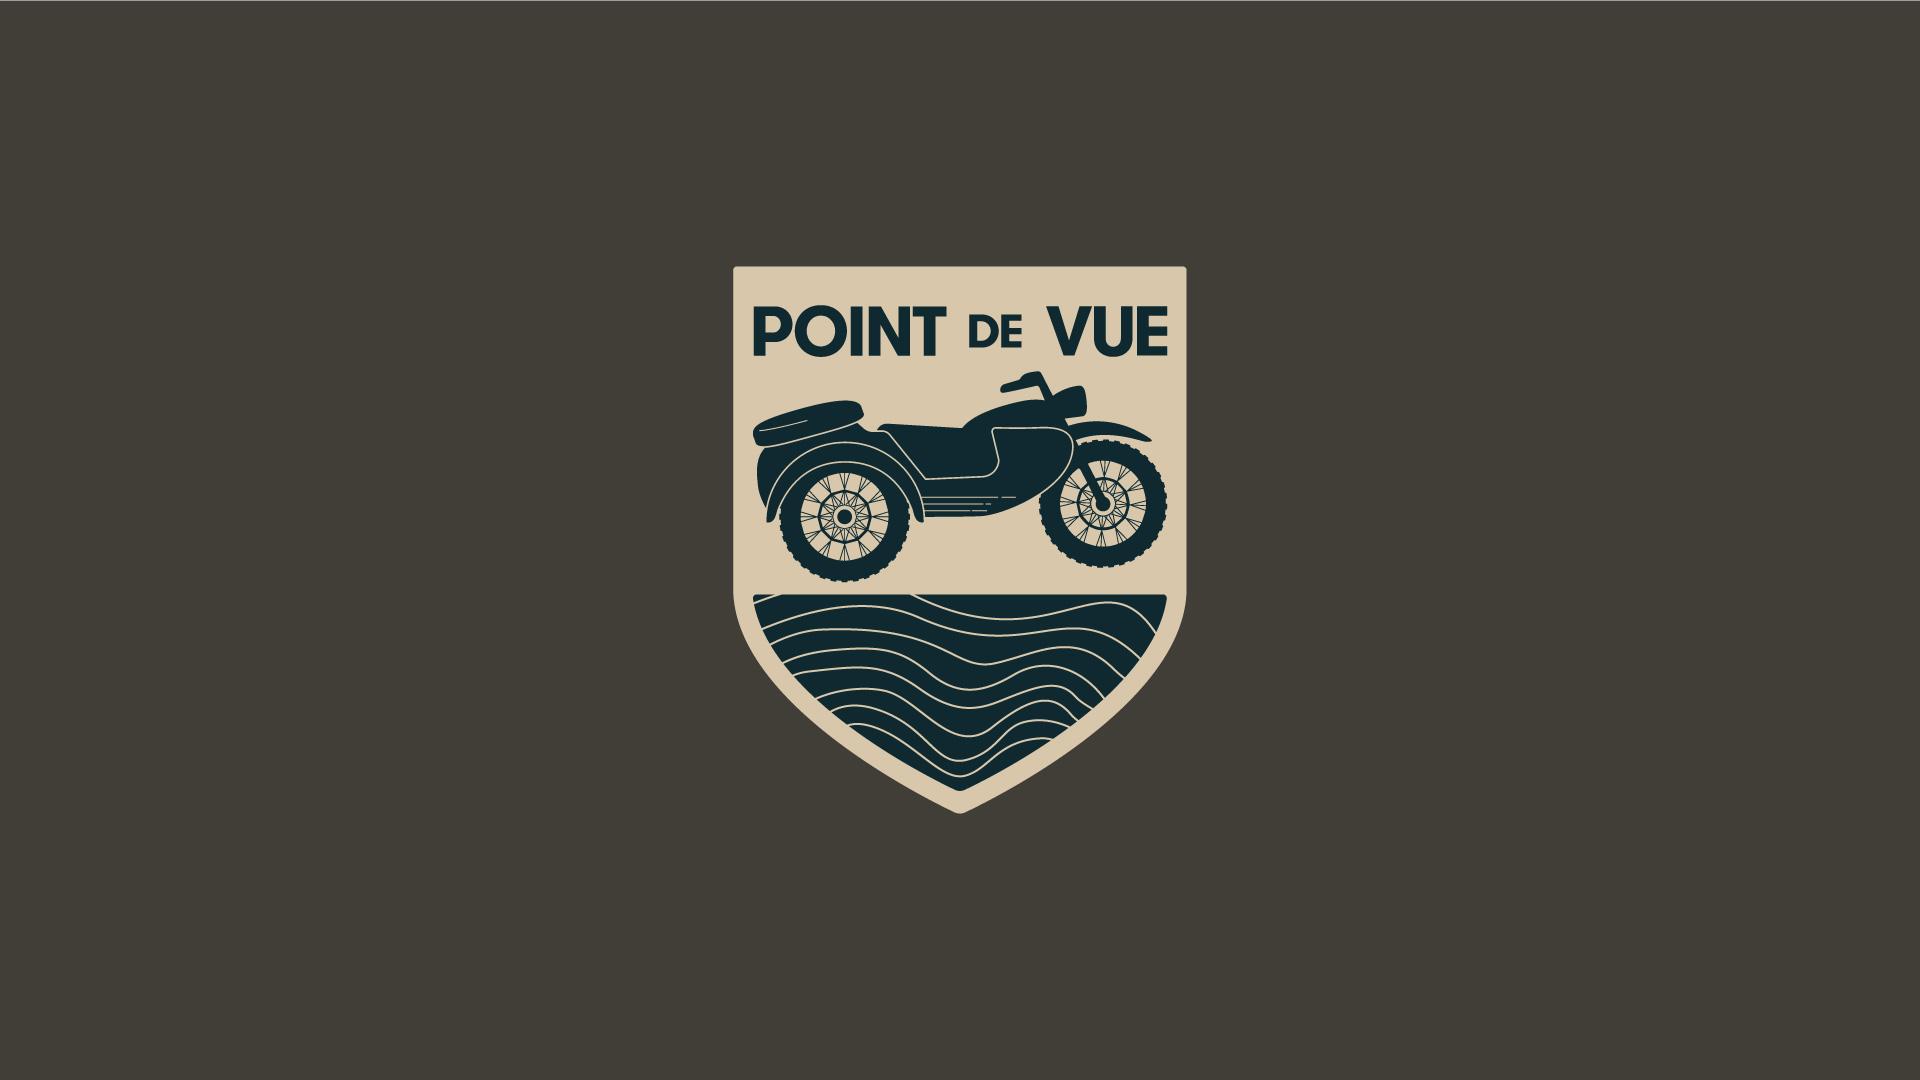 Point-de-vue_Ami-tele_Hover_German_Moreno_Motion-Designer_Canada_11@2x